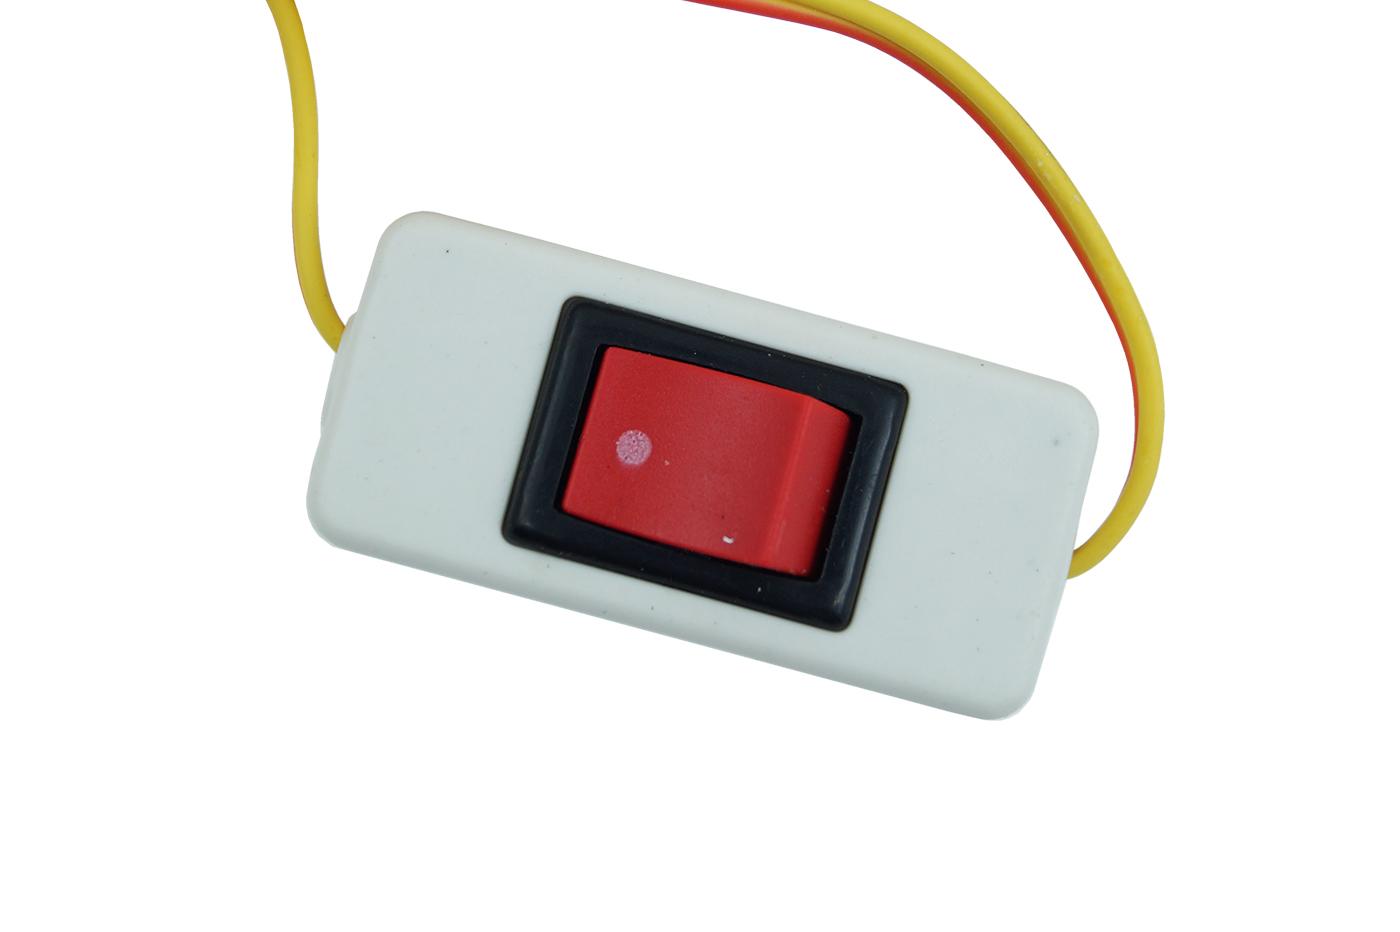 Plafoniera Da Esterno Con Interruttore : Bes accessori auto per esterni beselettronica lampada